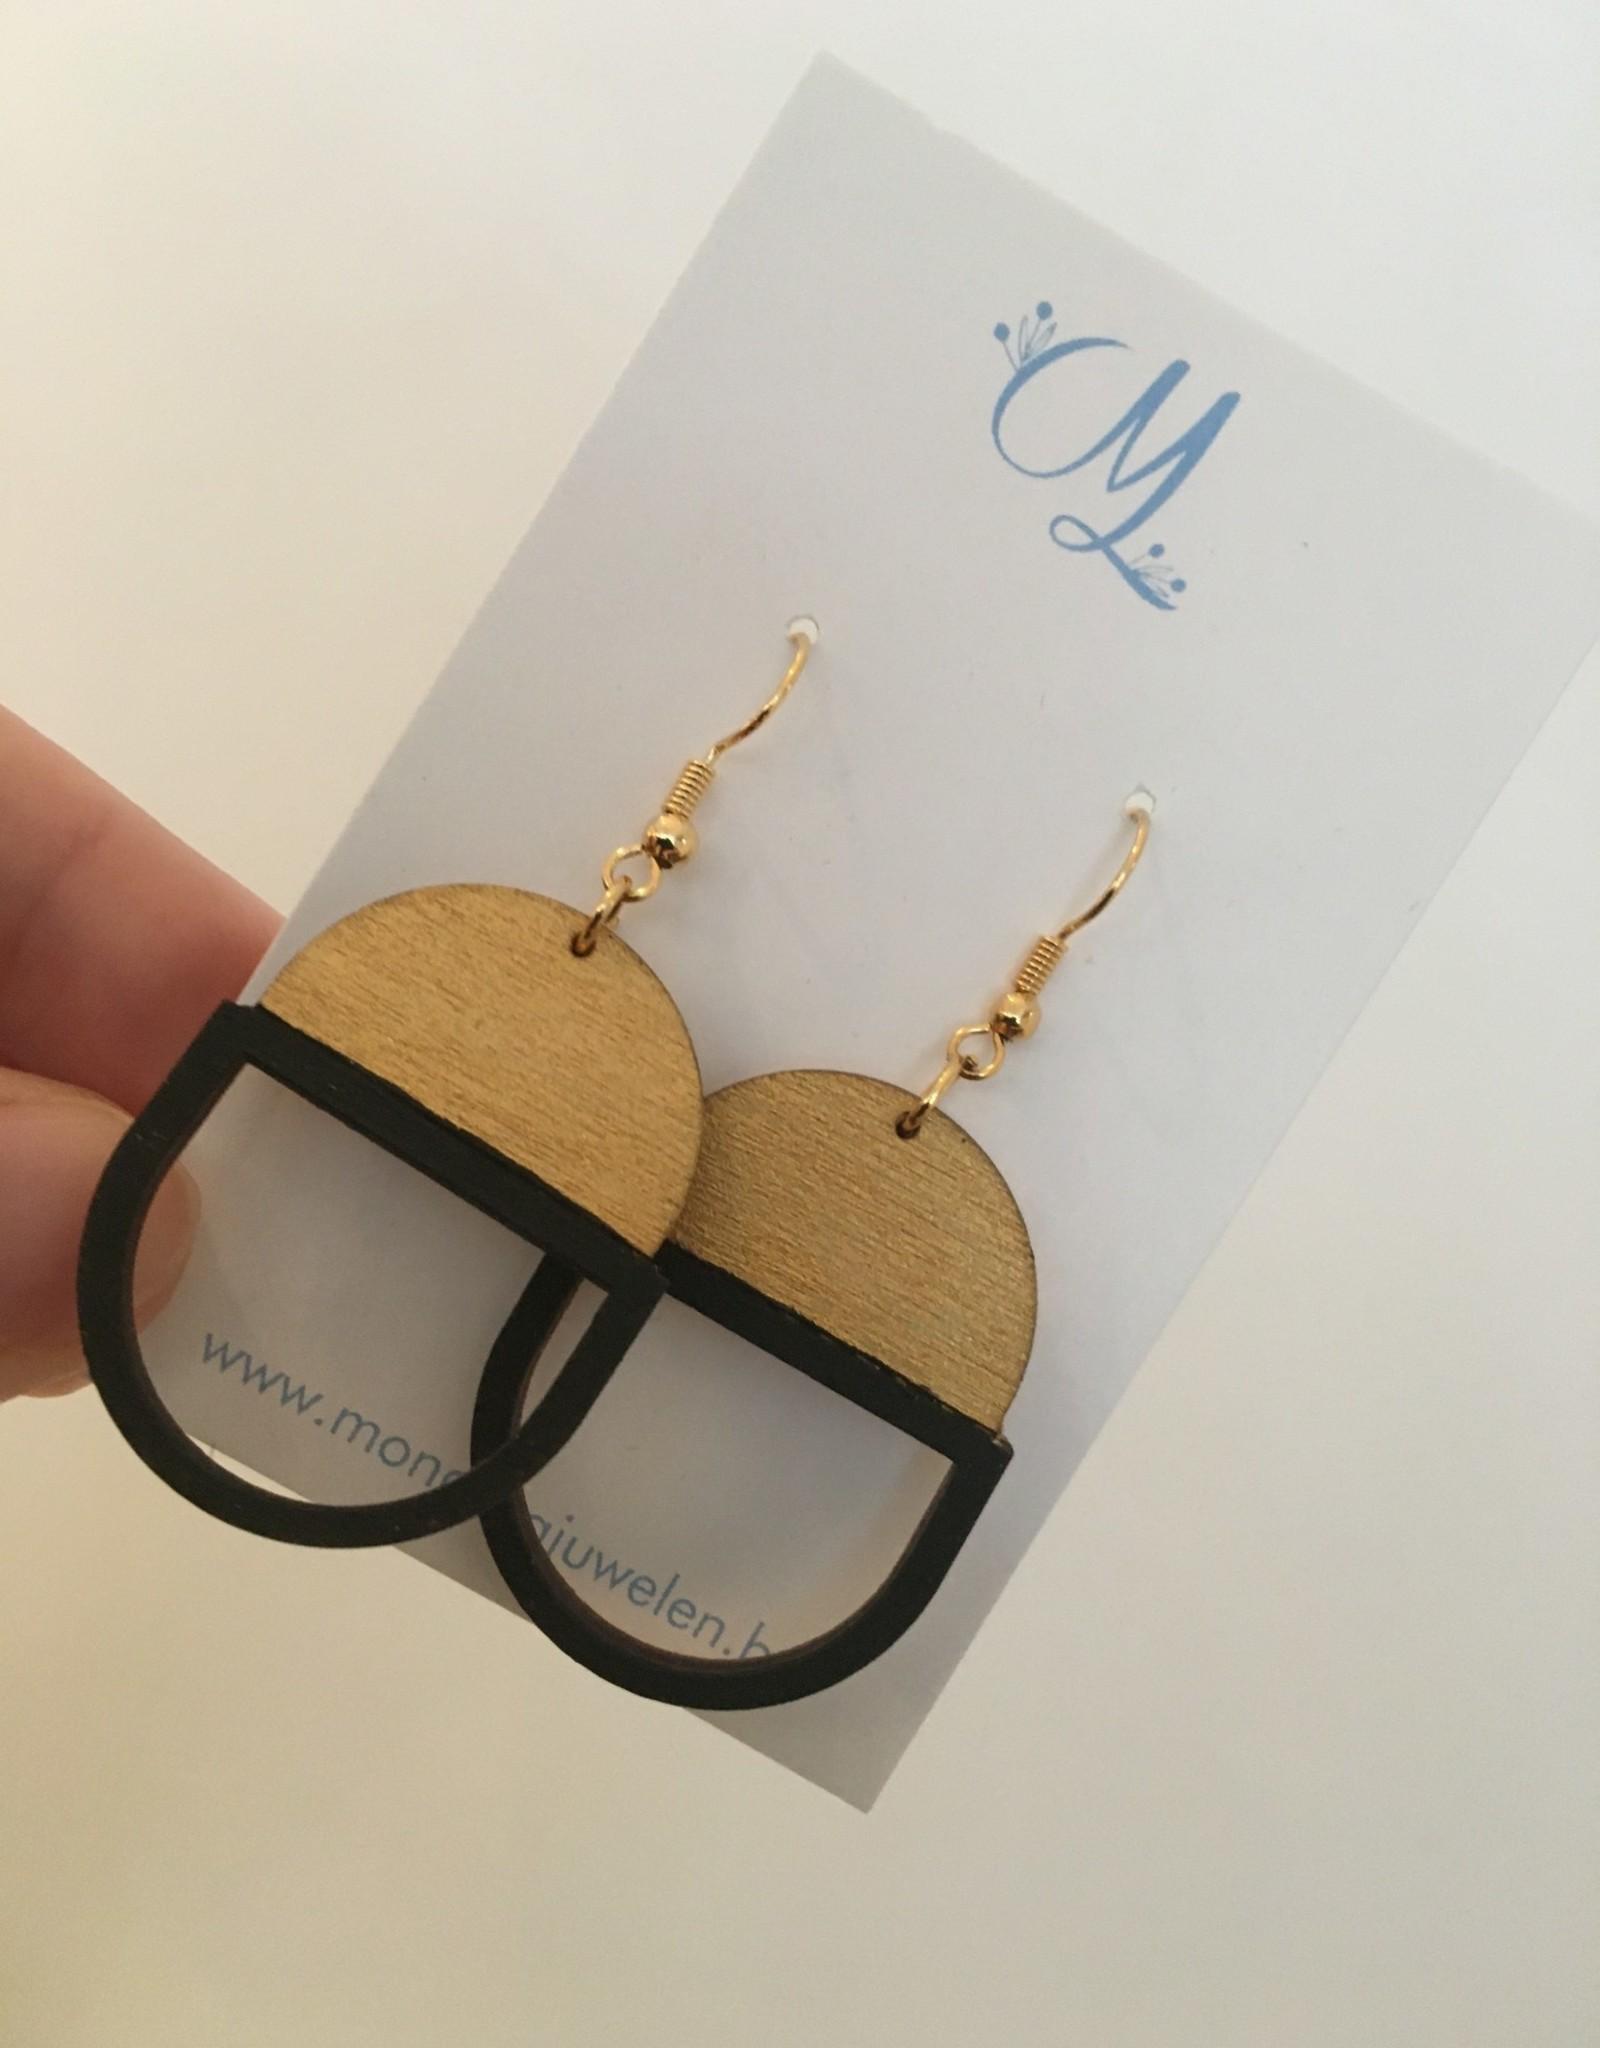 mona lisa juwelen Mona Lisa Juwelen oorbellen hout 009